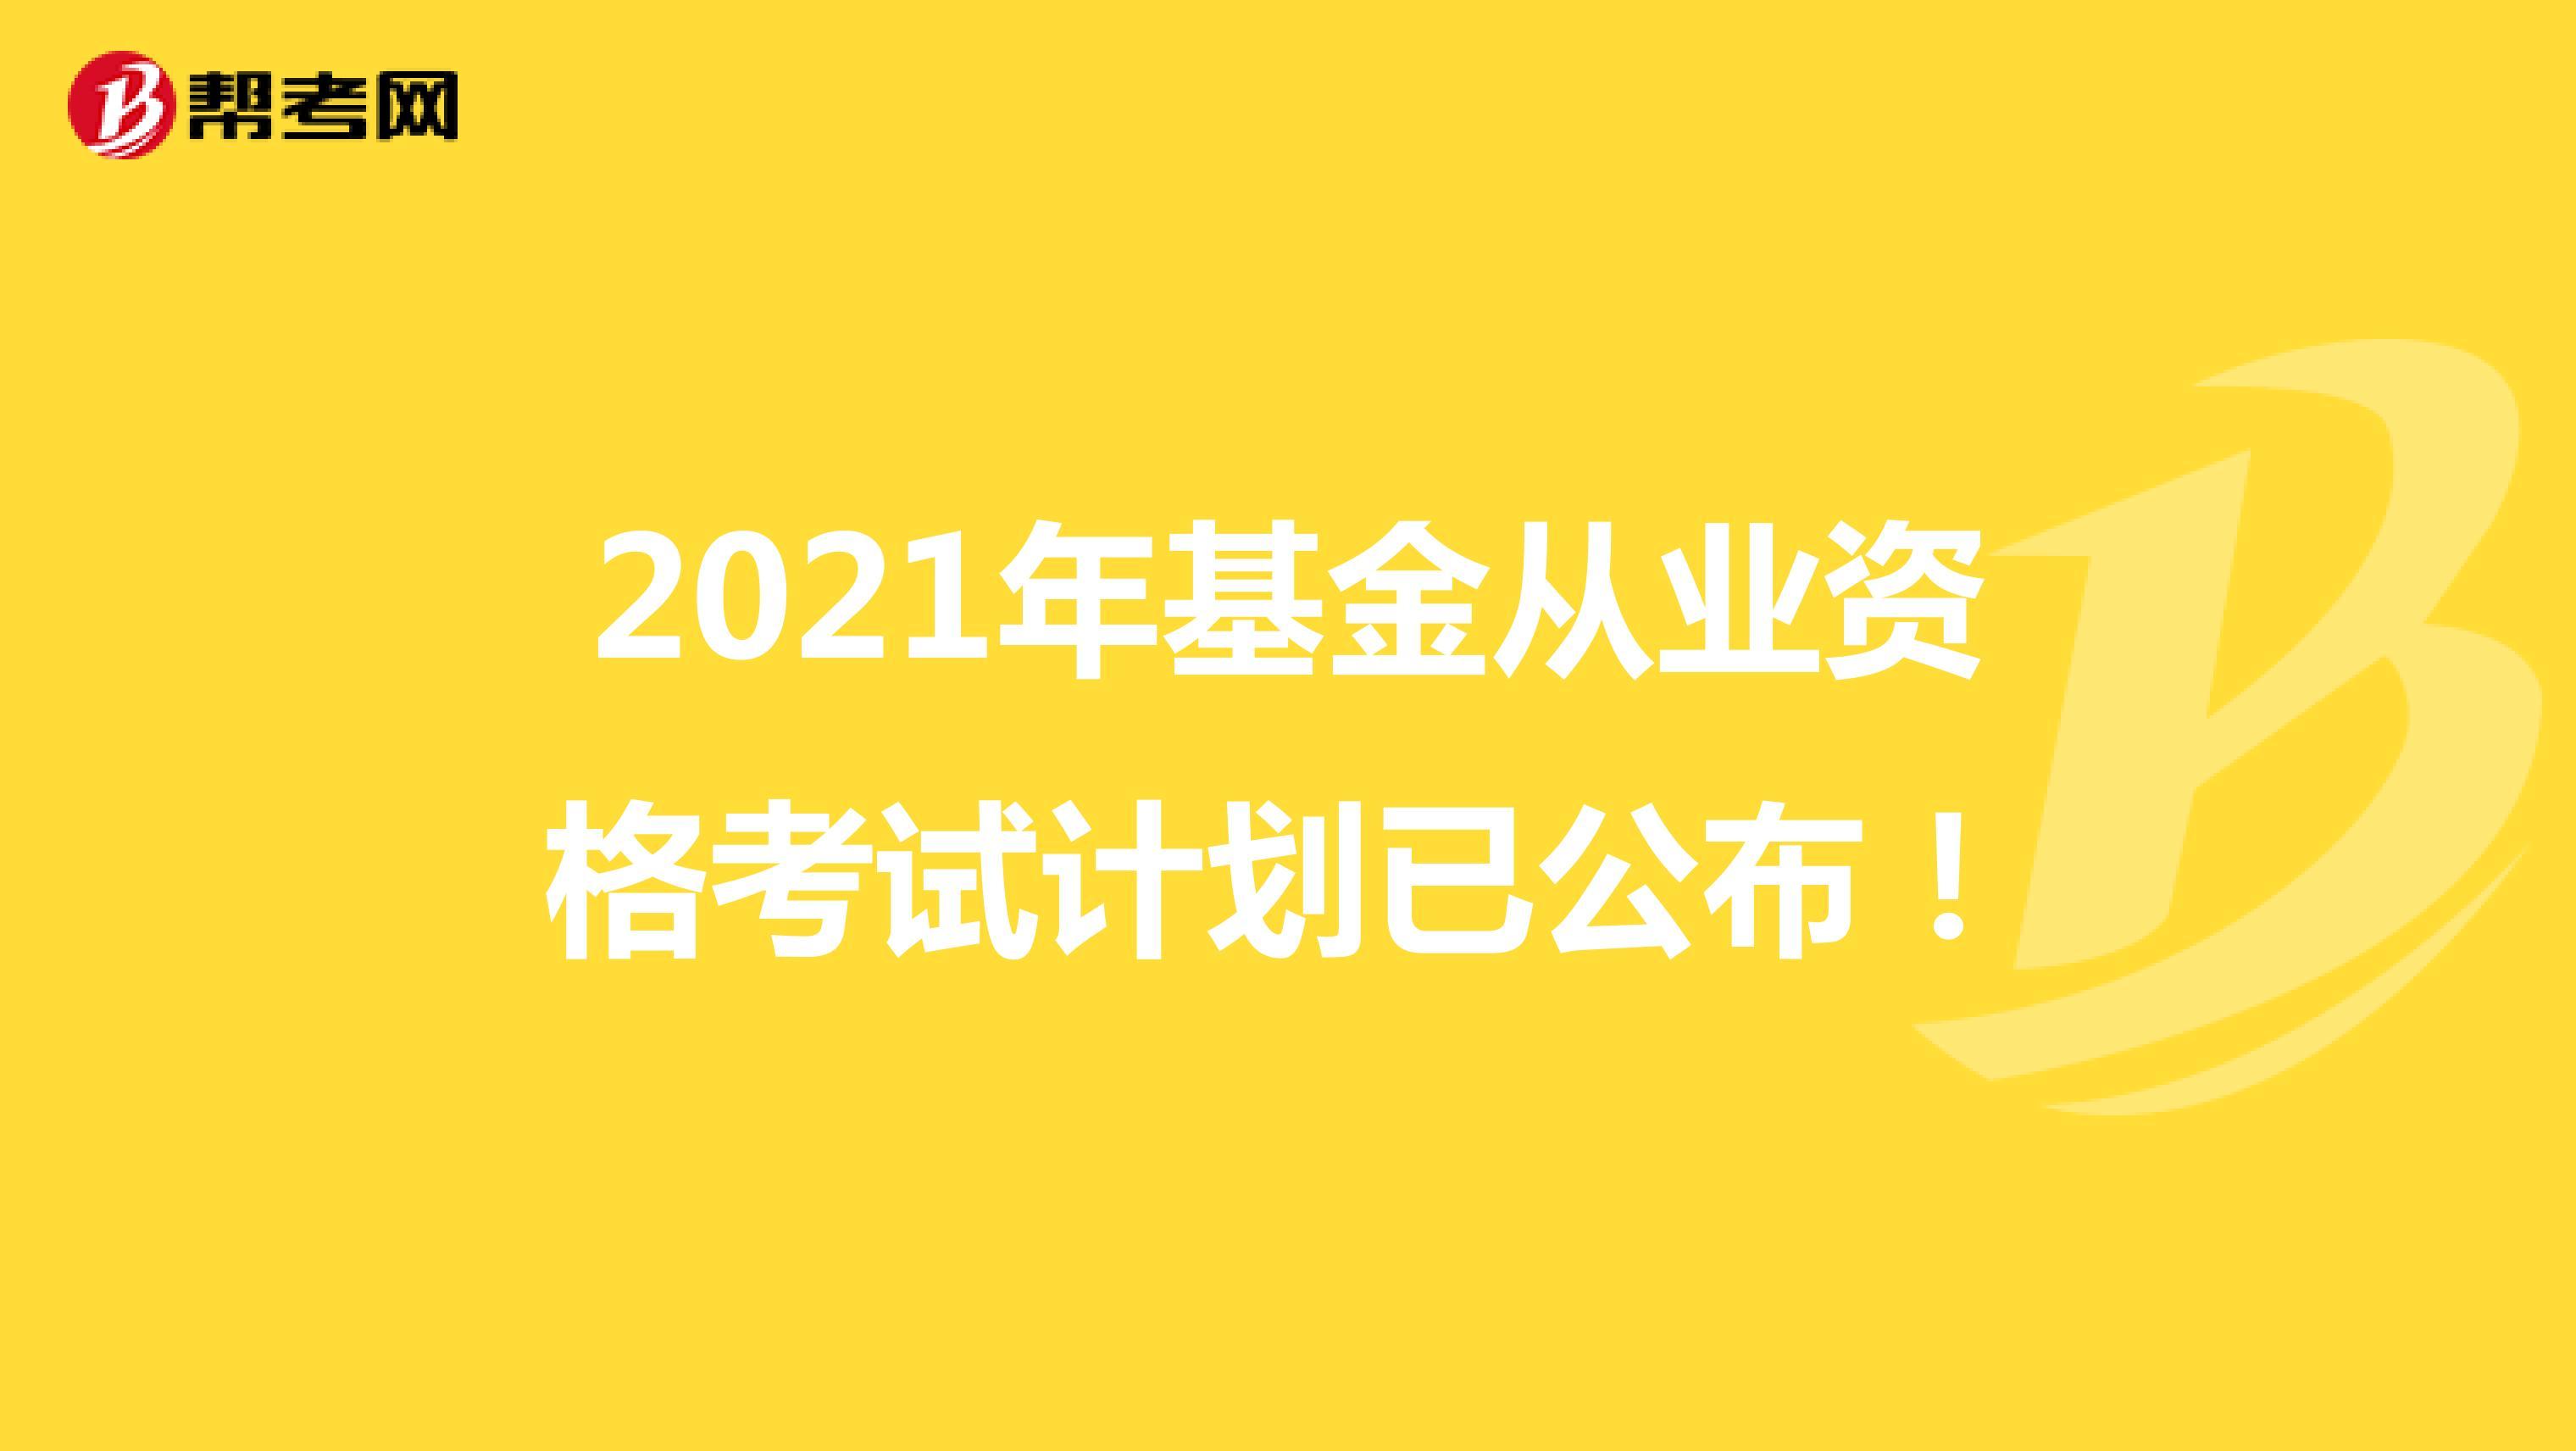 2021年基金从业资格考试计划已公布!